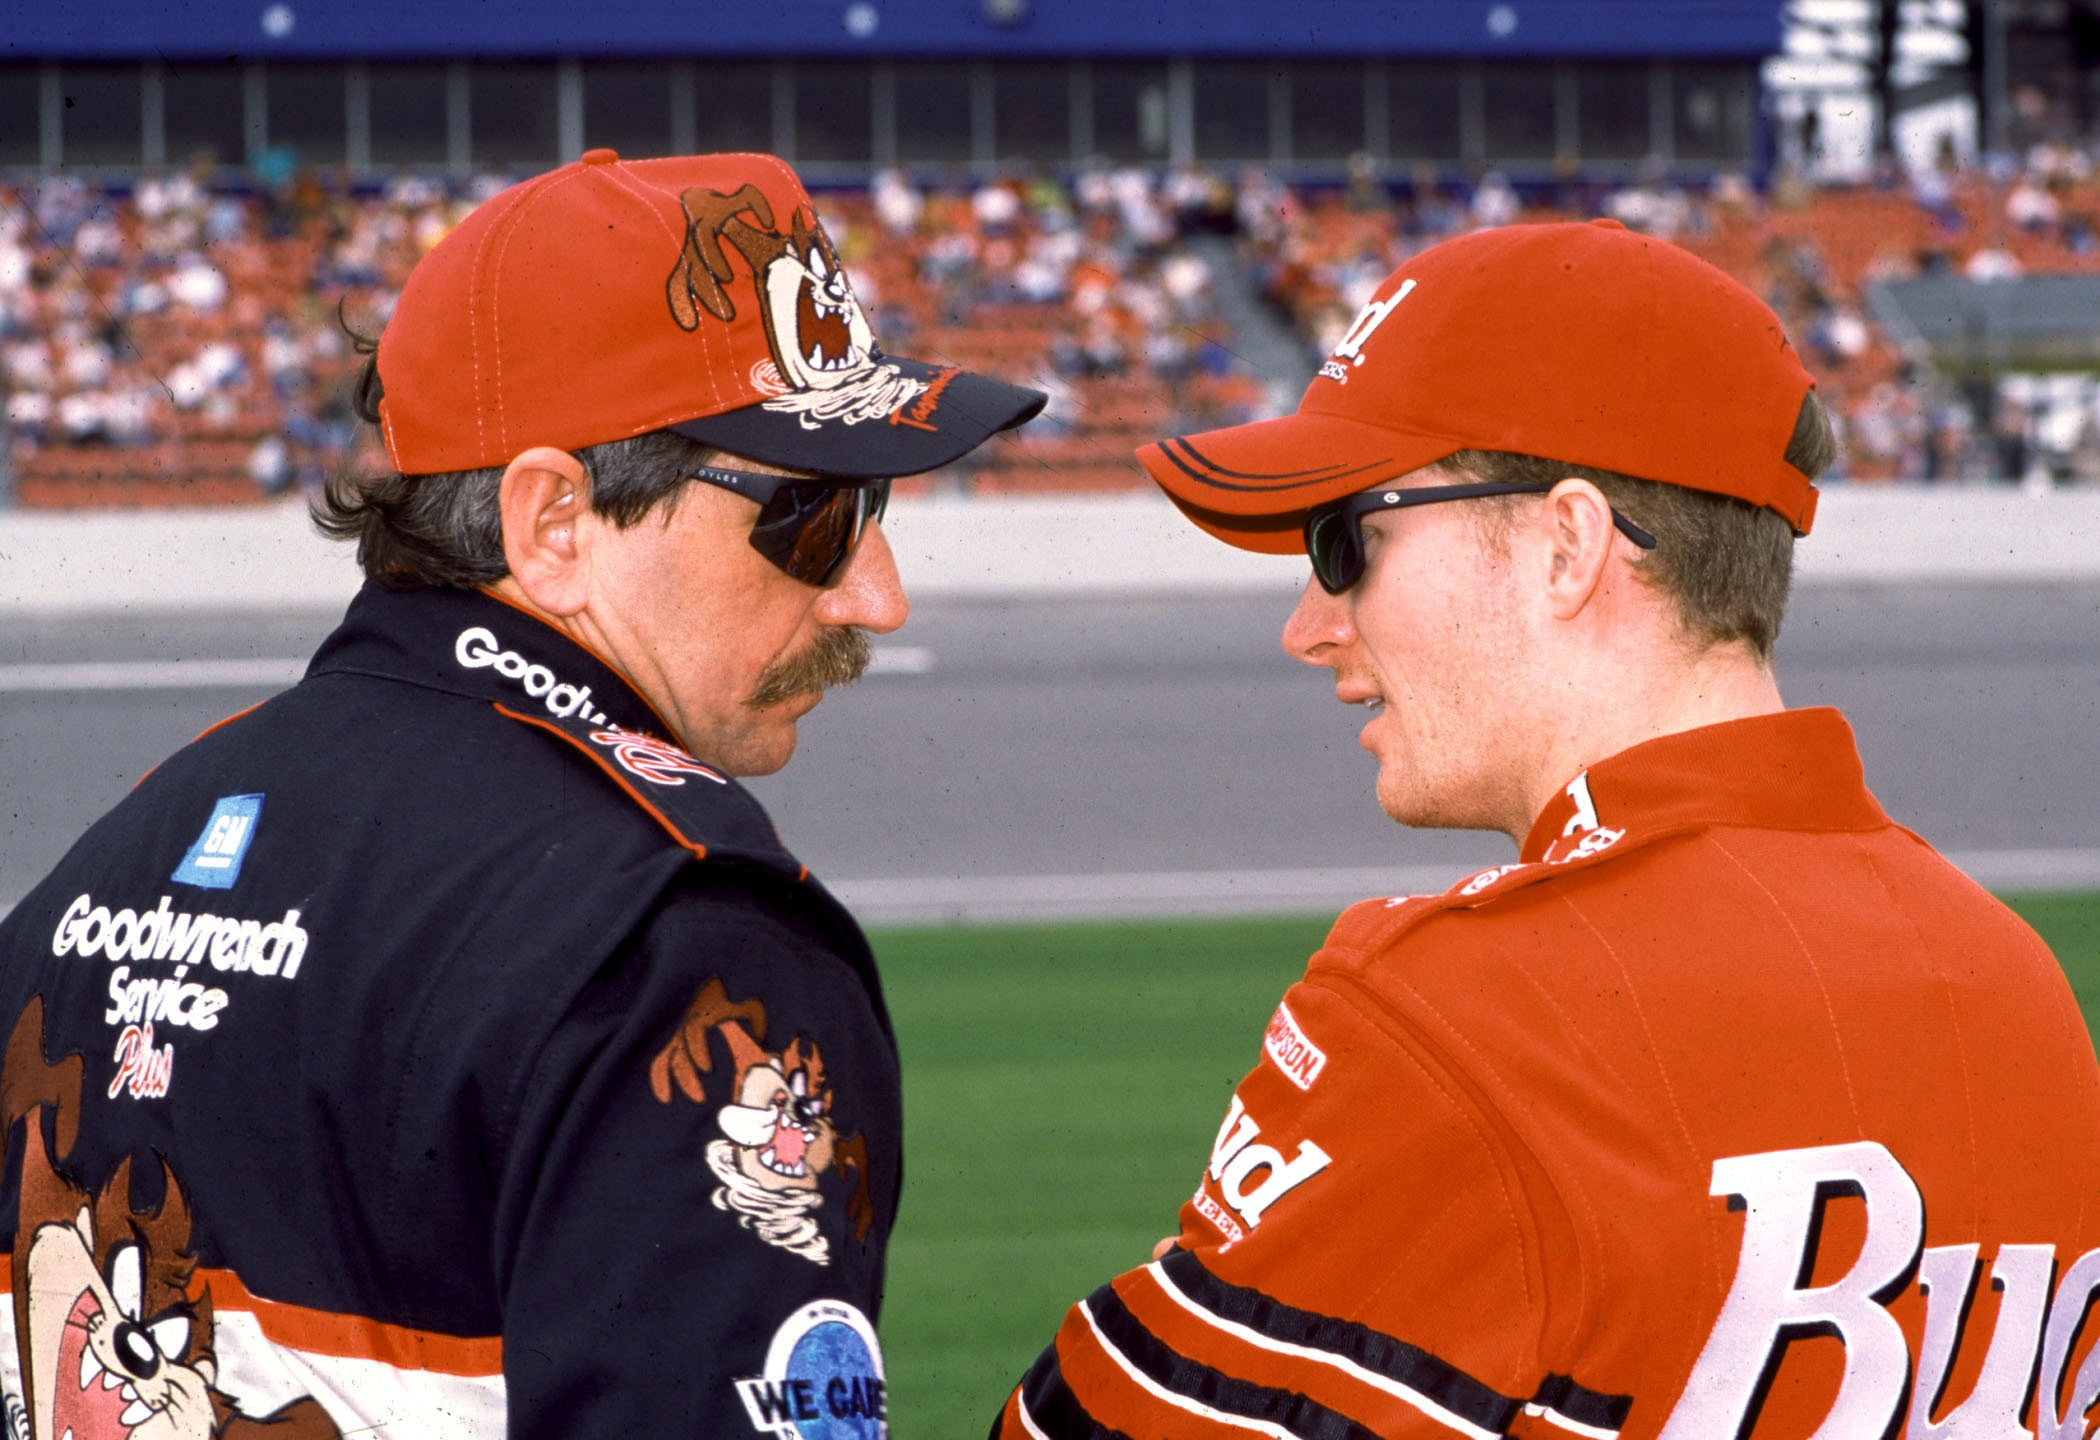 Dale Earnhardt and Dale Earnhardt, Jr._460916